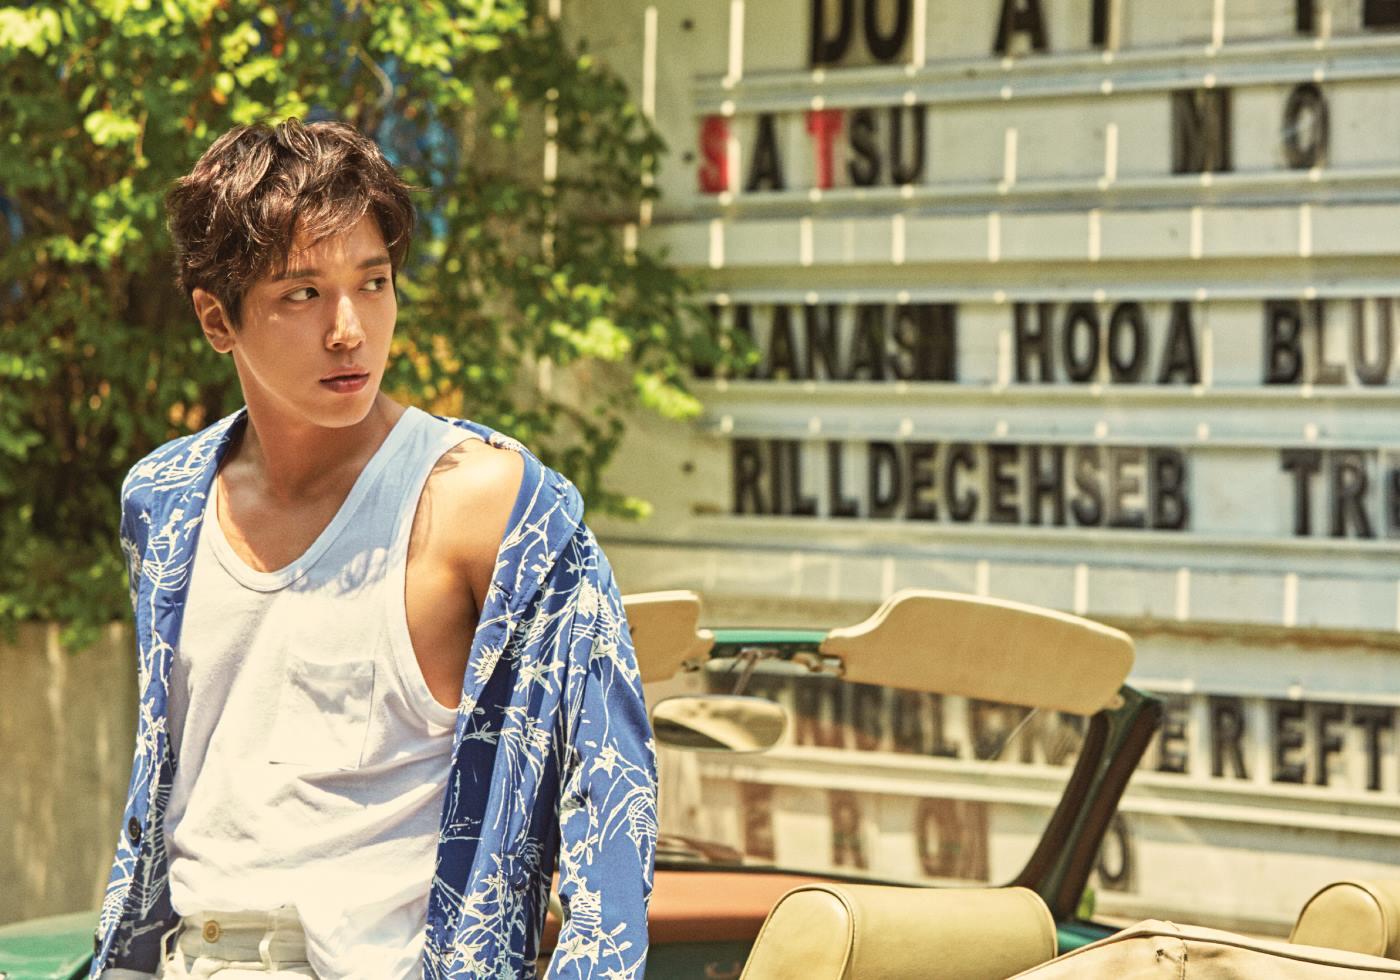 2017下半年可以說是行程滿滿,許多韓國藝人都預告在暑假強勢回歸,不論是團體還是個人,各個可是來勢洶洶,做足全力在準備。